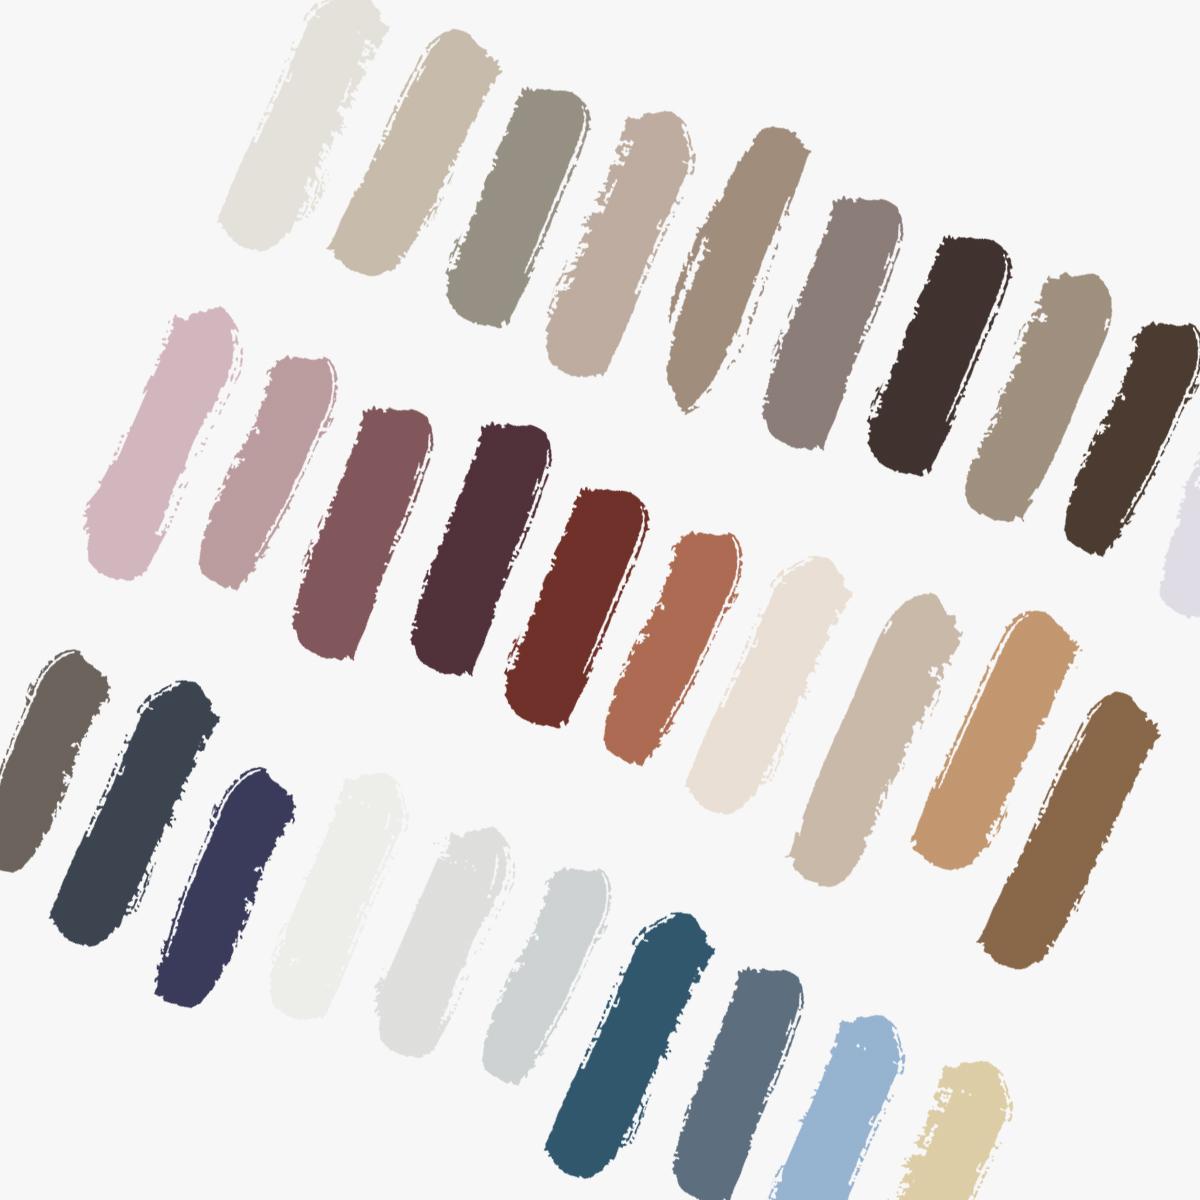 Colour Trends 2019 Paint Swatch